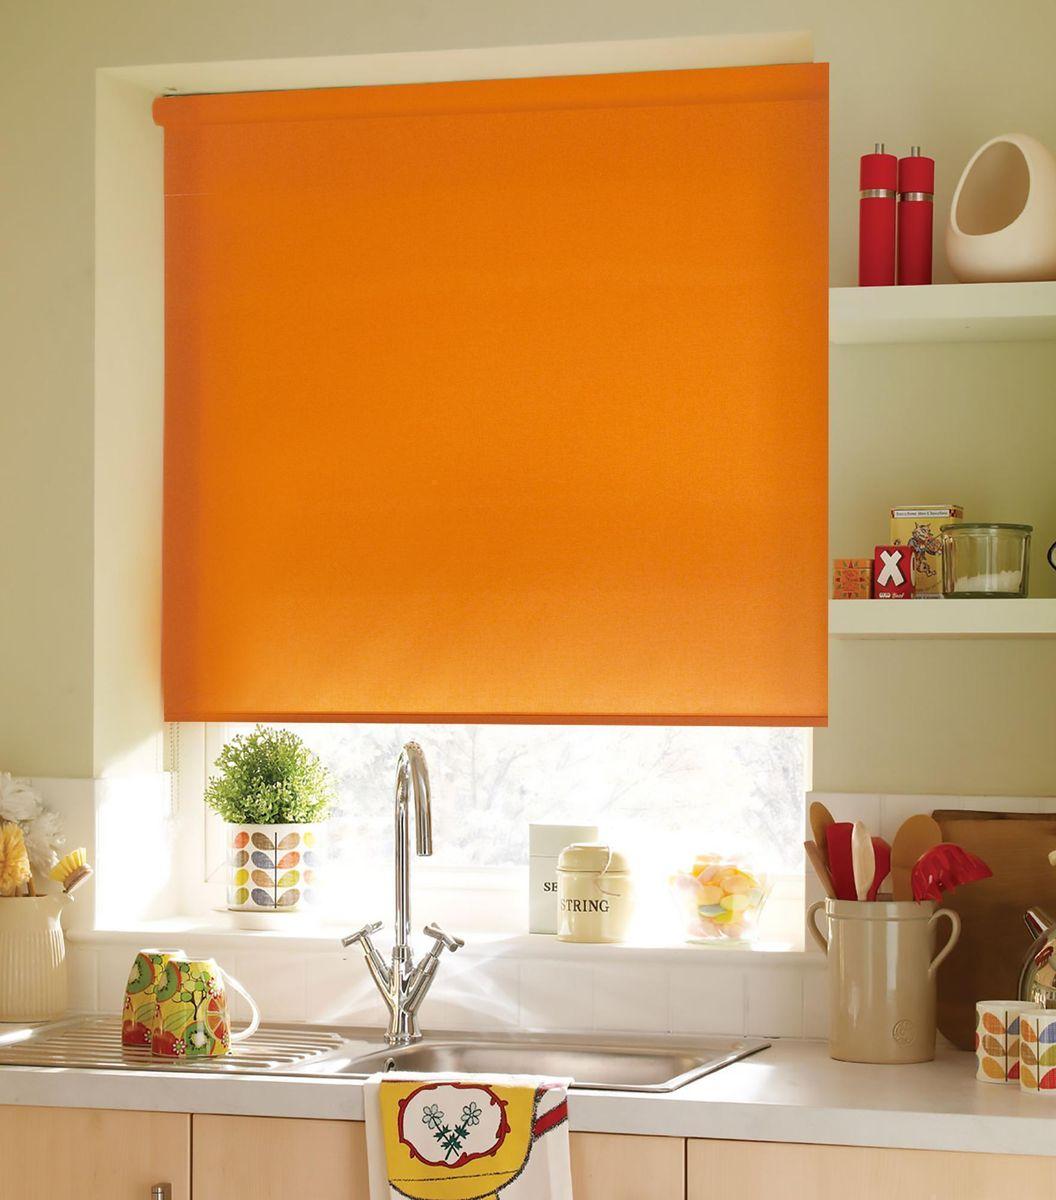 Штора рулонная Эскар, цвет: апельсиновый, ширина 160 см, высота 170 см81203160170Рулонными шторами можно оформлять окна как самостоятельно, так и использовать в комбинации с портьерами. Это поможет предотвратить выгорание дорогой ткани на солнце и соединит функционал рулонных с красотой навесных.Преимущества применения рулонных штор для пластиковых окон:- имеют прекрасный внешний вид: многообразие и фактурность материала изделия отлично смотрятся в любом интерьере; - многофункциональны: есть возможность подобрать шторы способные эффективно защитить комнату от солнца, при этом о на не будет слишком темной. - Есть возможность осуществить быстрый монтаж. ВНИМАНИЕ! Размеры ширины изделия указаны по ширине ткани!Во время эксплуатации не рекомендуется полностью разматывать рулон, чтобы не оторвать ткань от намоточного вала.В случае загрязнения поверхности ткани, чистку шторы проводят одним из способов, в зависимости от типа загрязнения: легкое поверхностное загрязнение можно удалить при помощи канцелярского ластика; чистка от пыли производится сухим методом при помощи пылесоса с мягкой щеткой-насадкой; для удаления пятна используйте мягкую губку с пенообразующим неагрессивным моющим средством или пятновыводитель на натуральной основе (нельзя применять растворители).